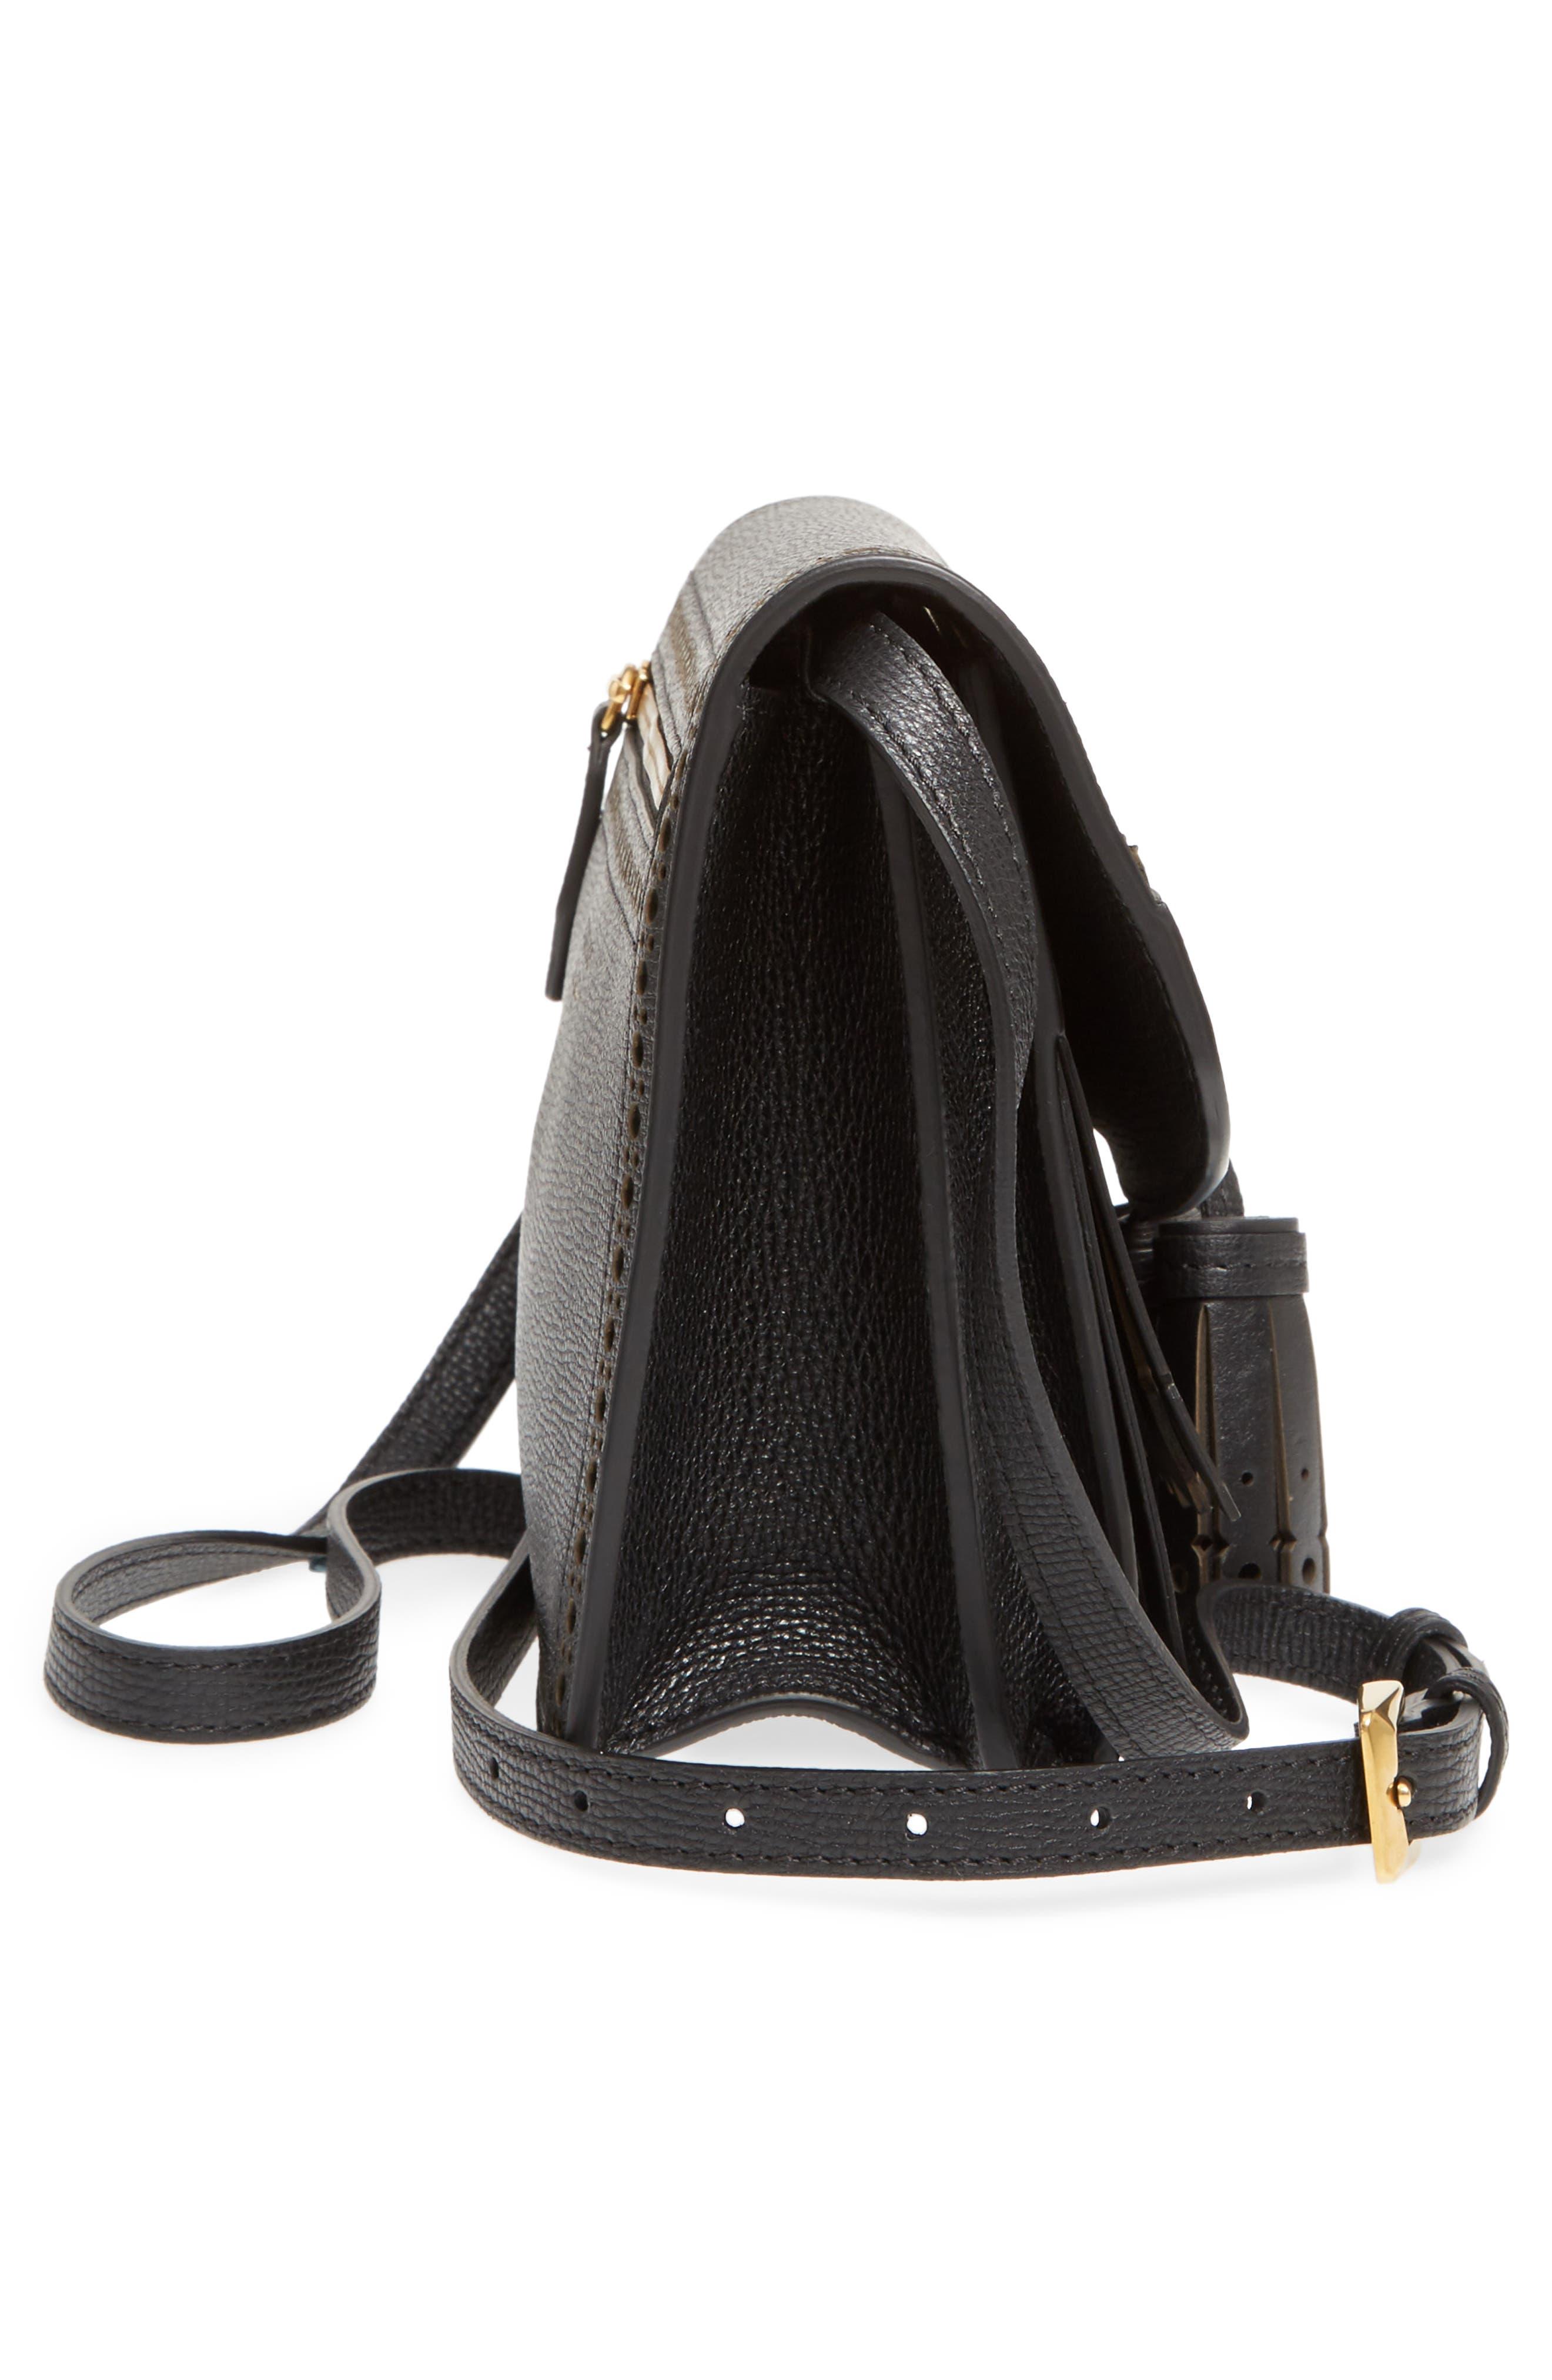 Macken Fringe Leather Crossbody Bag,                             Alternate thumbnail 5, color,                             Black